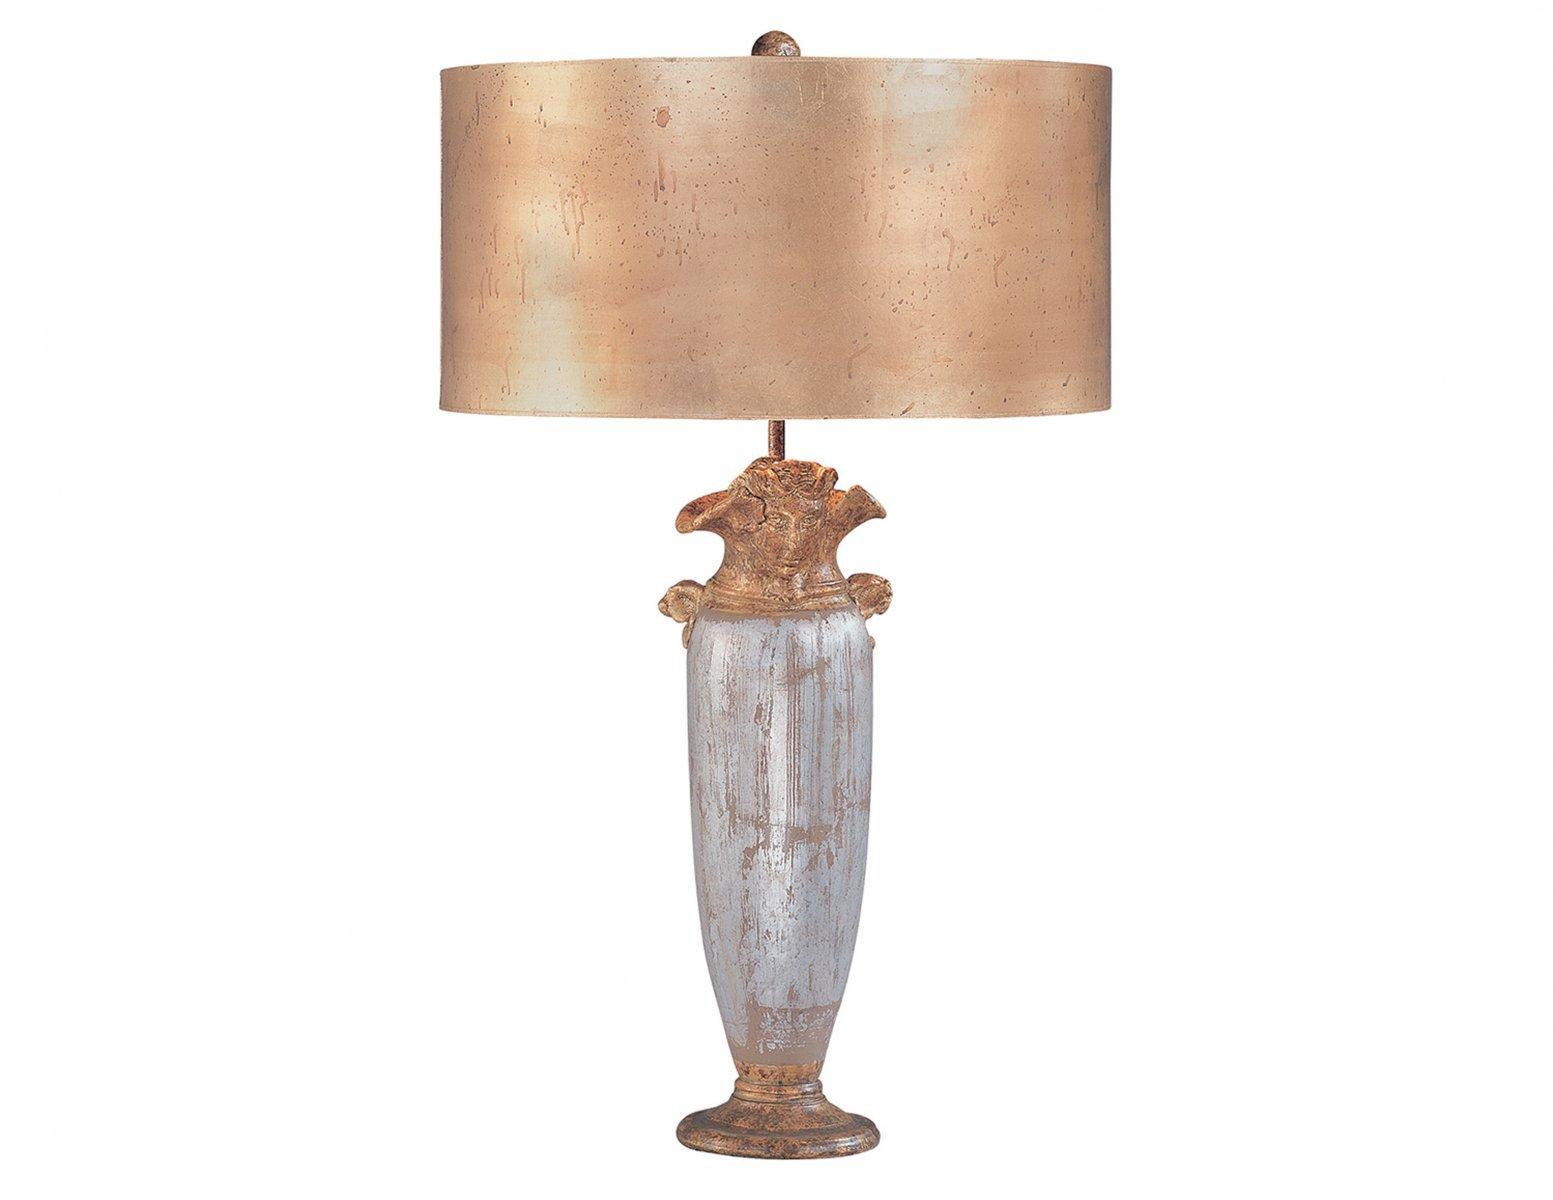 Lampa stołowa nocna stylizowana na antyk malowana w odcieniu złota i srebra